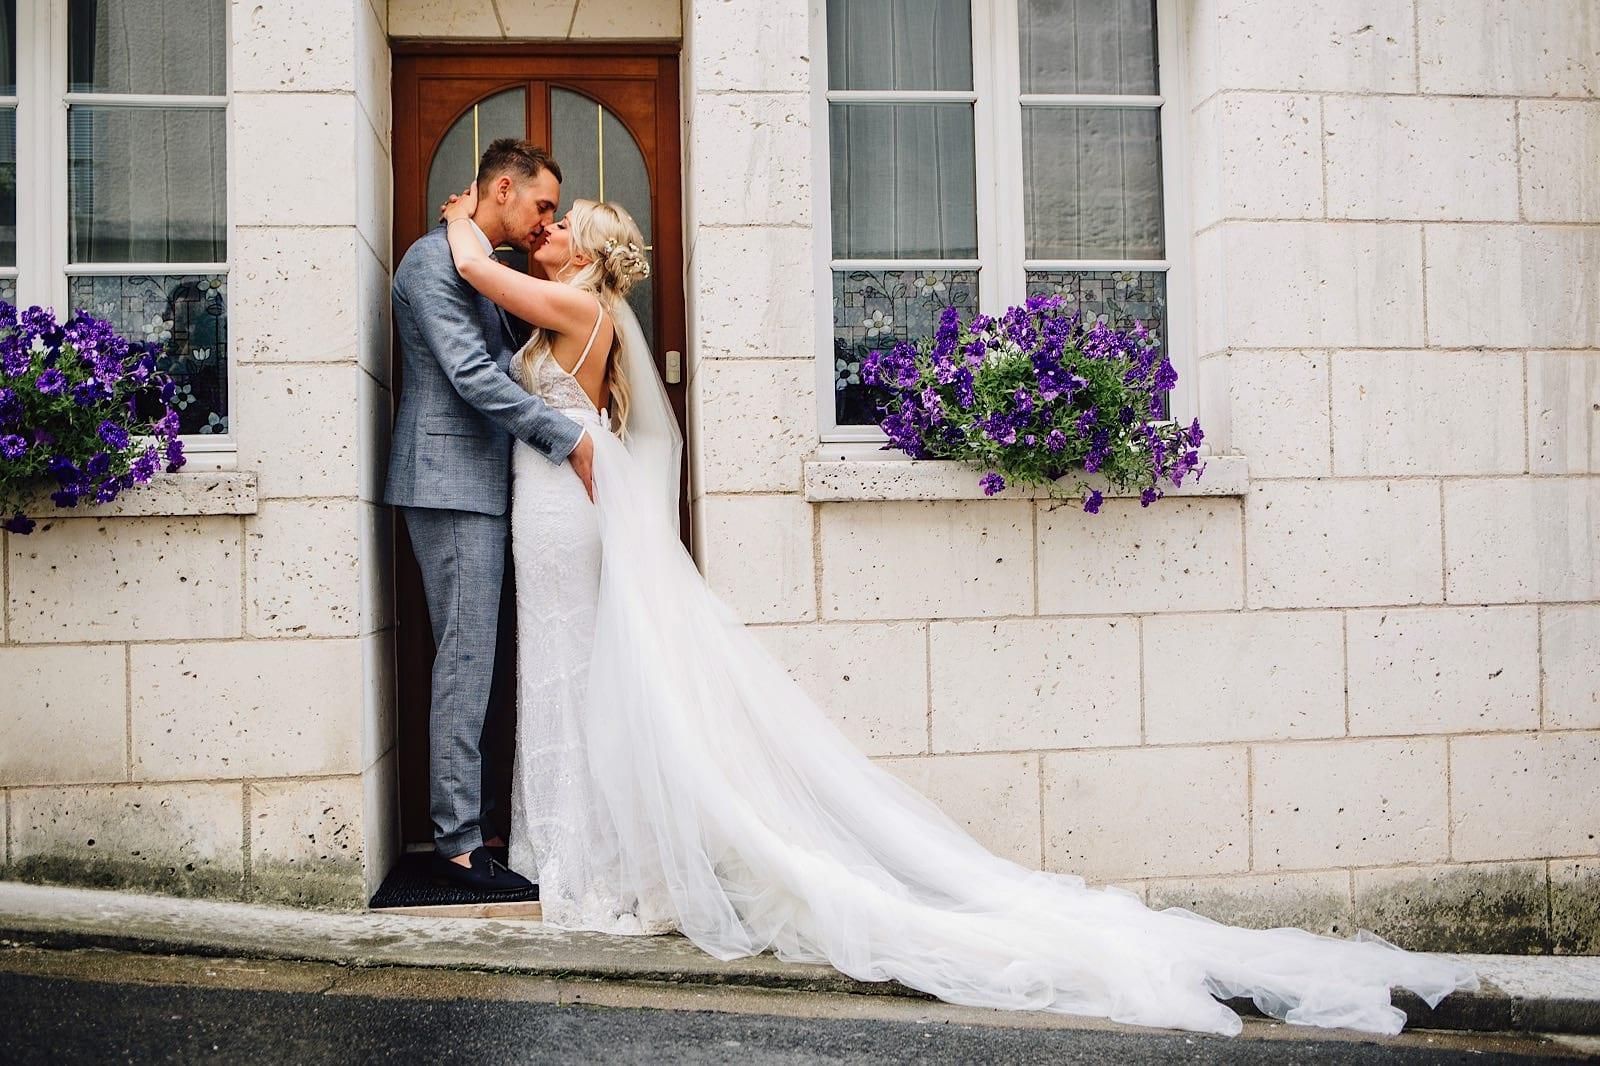 best-wedding-photography-warwickshire-0013